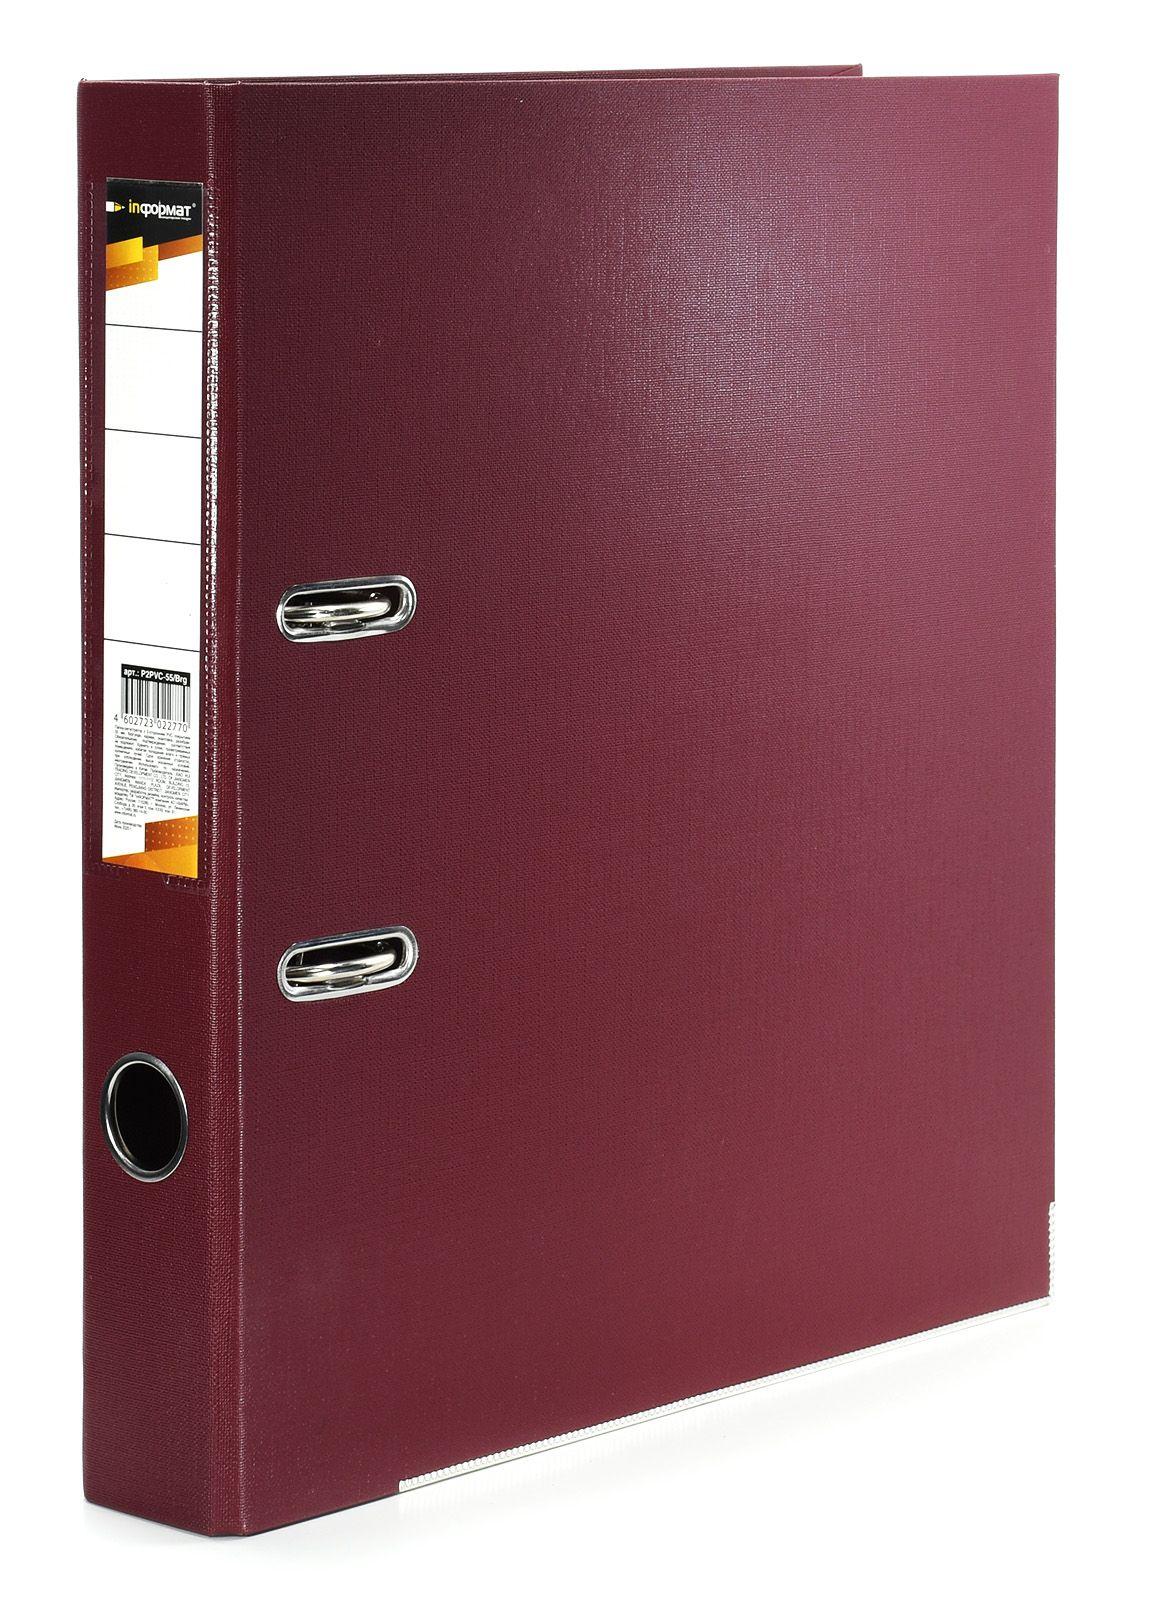 Папка-регистратор INFORMAT 55 мм двухстороннее покрытие PVC, бургунди